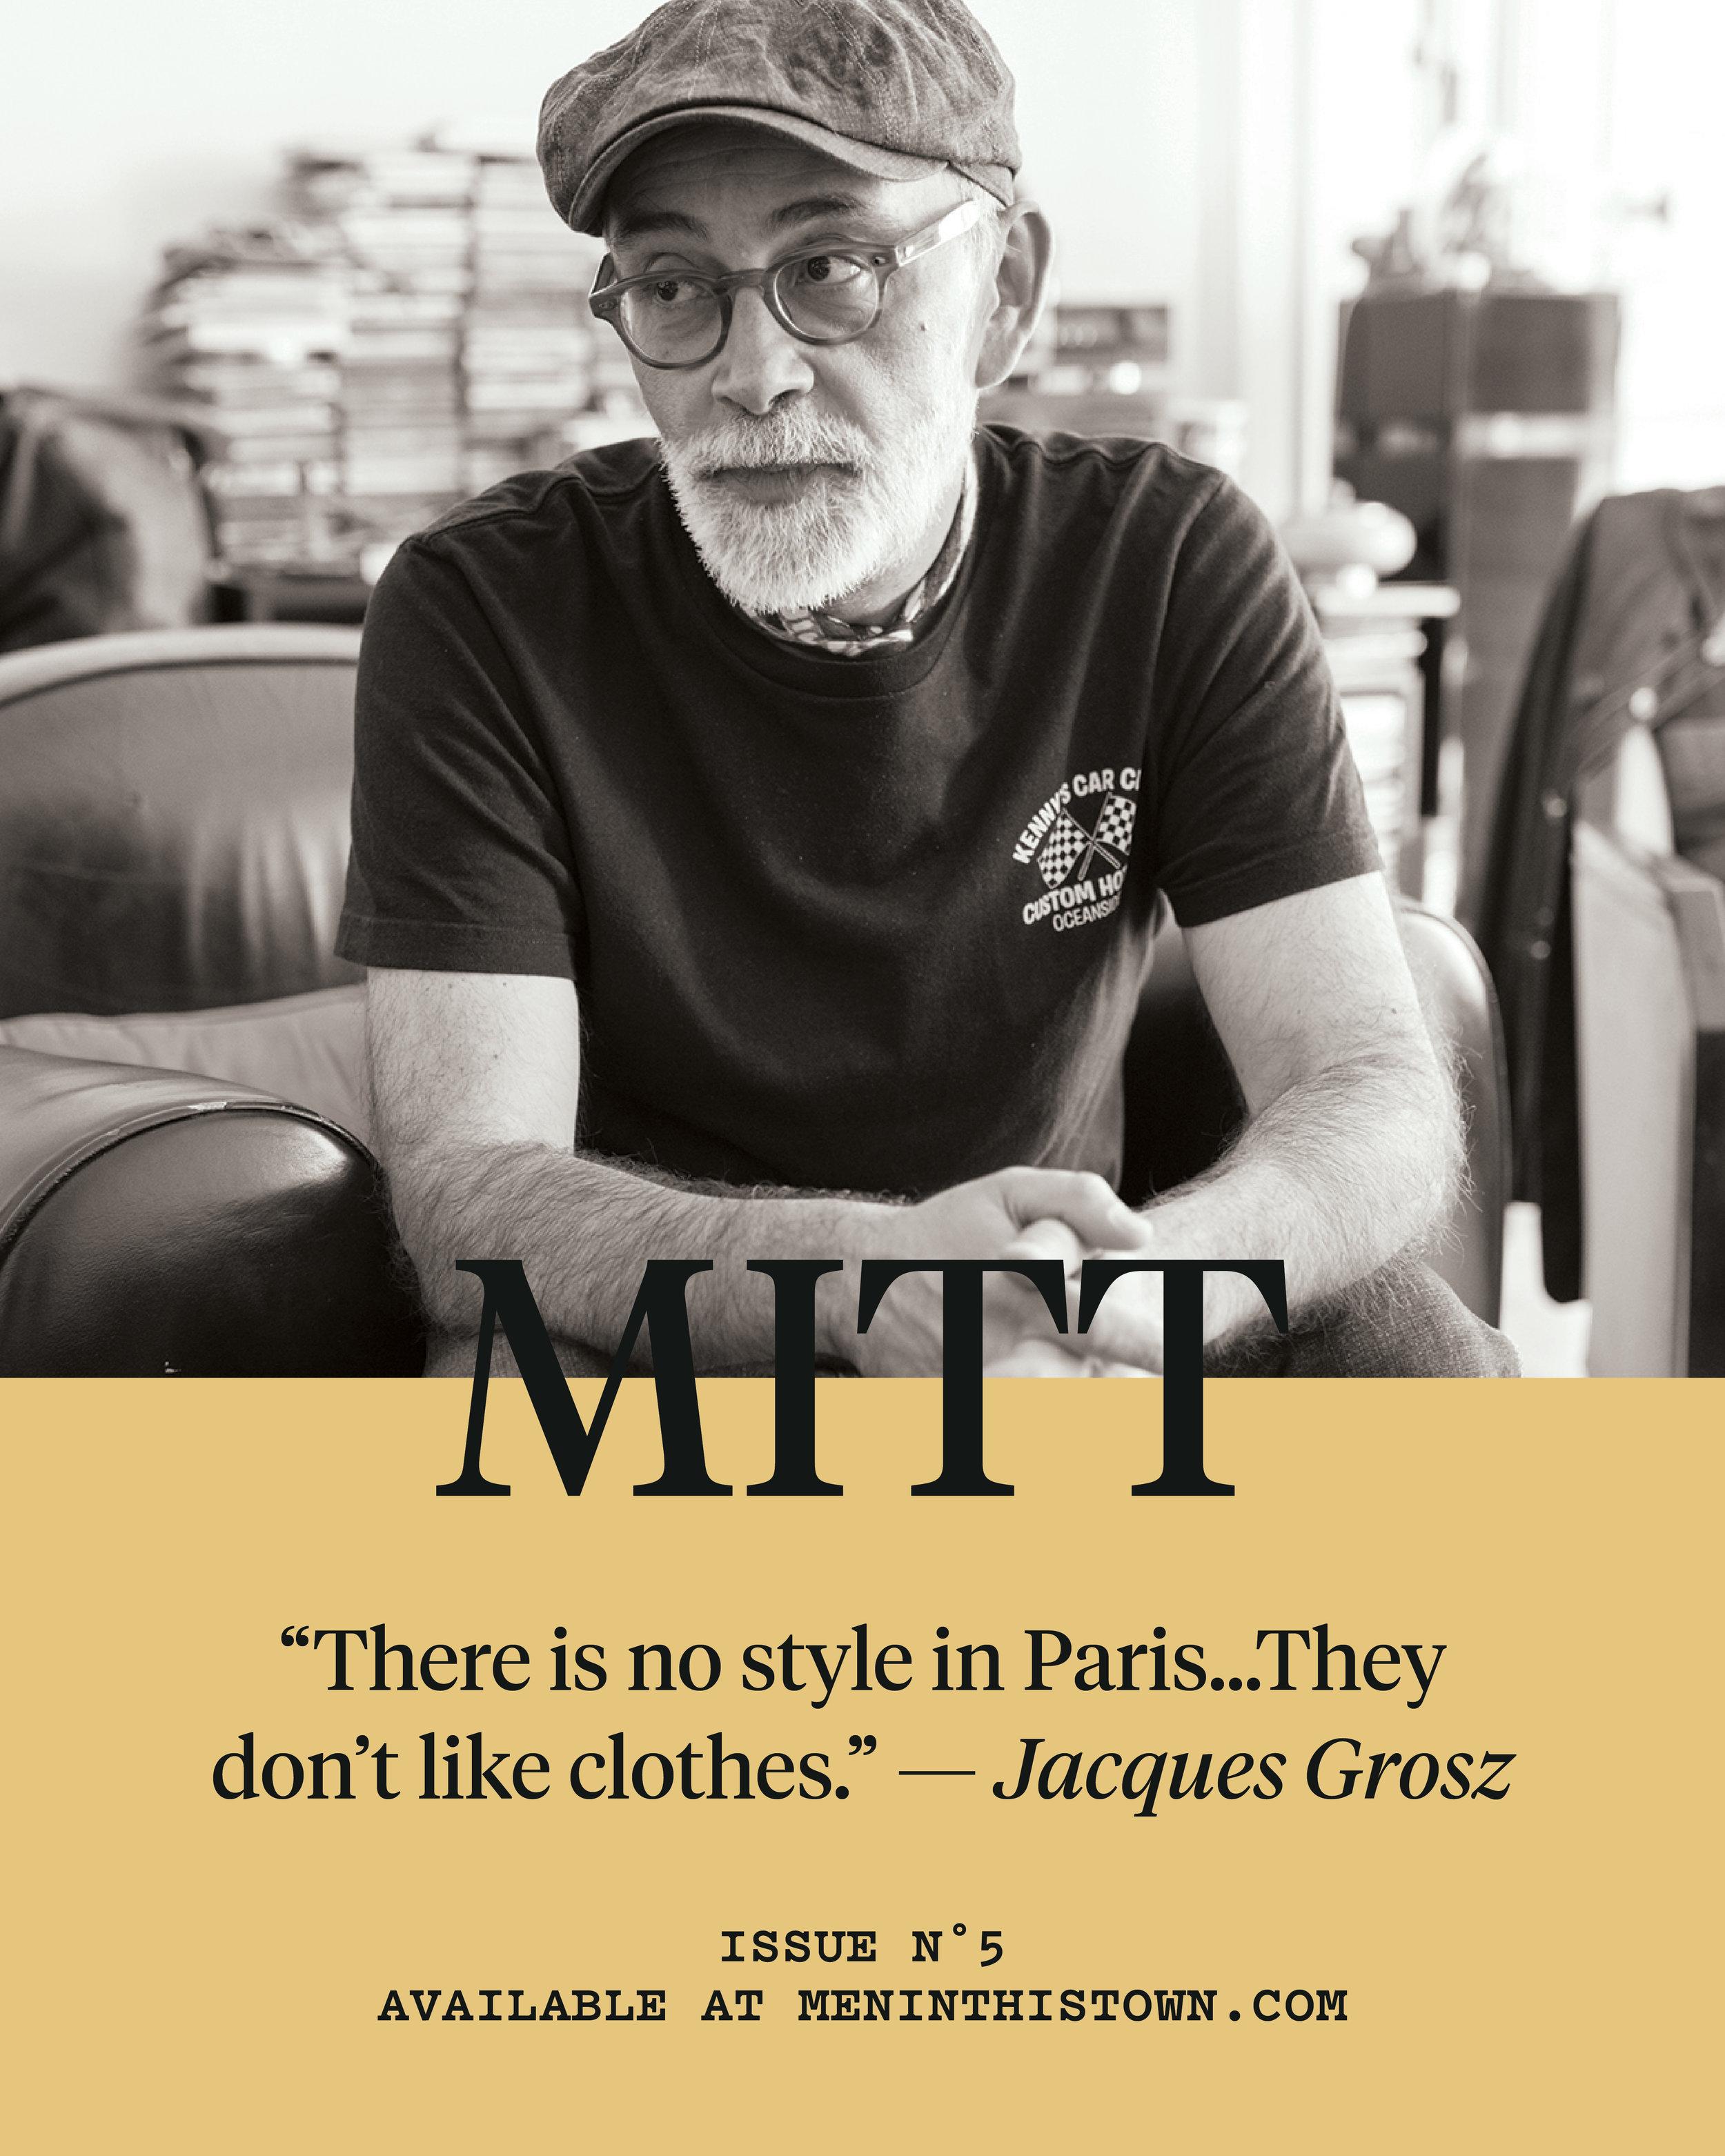 Pre-order   MITT   magazine issue 5 at   The MITT Mrkt  .   Photo by François Cavelier